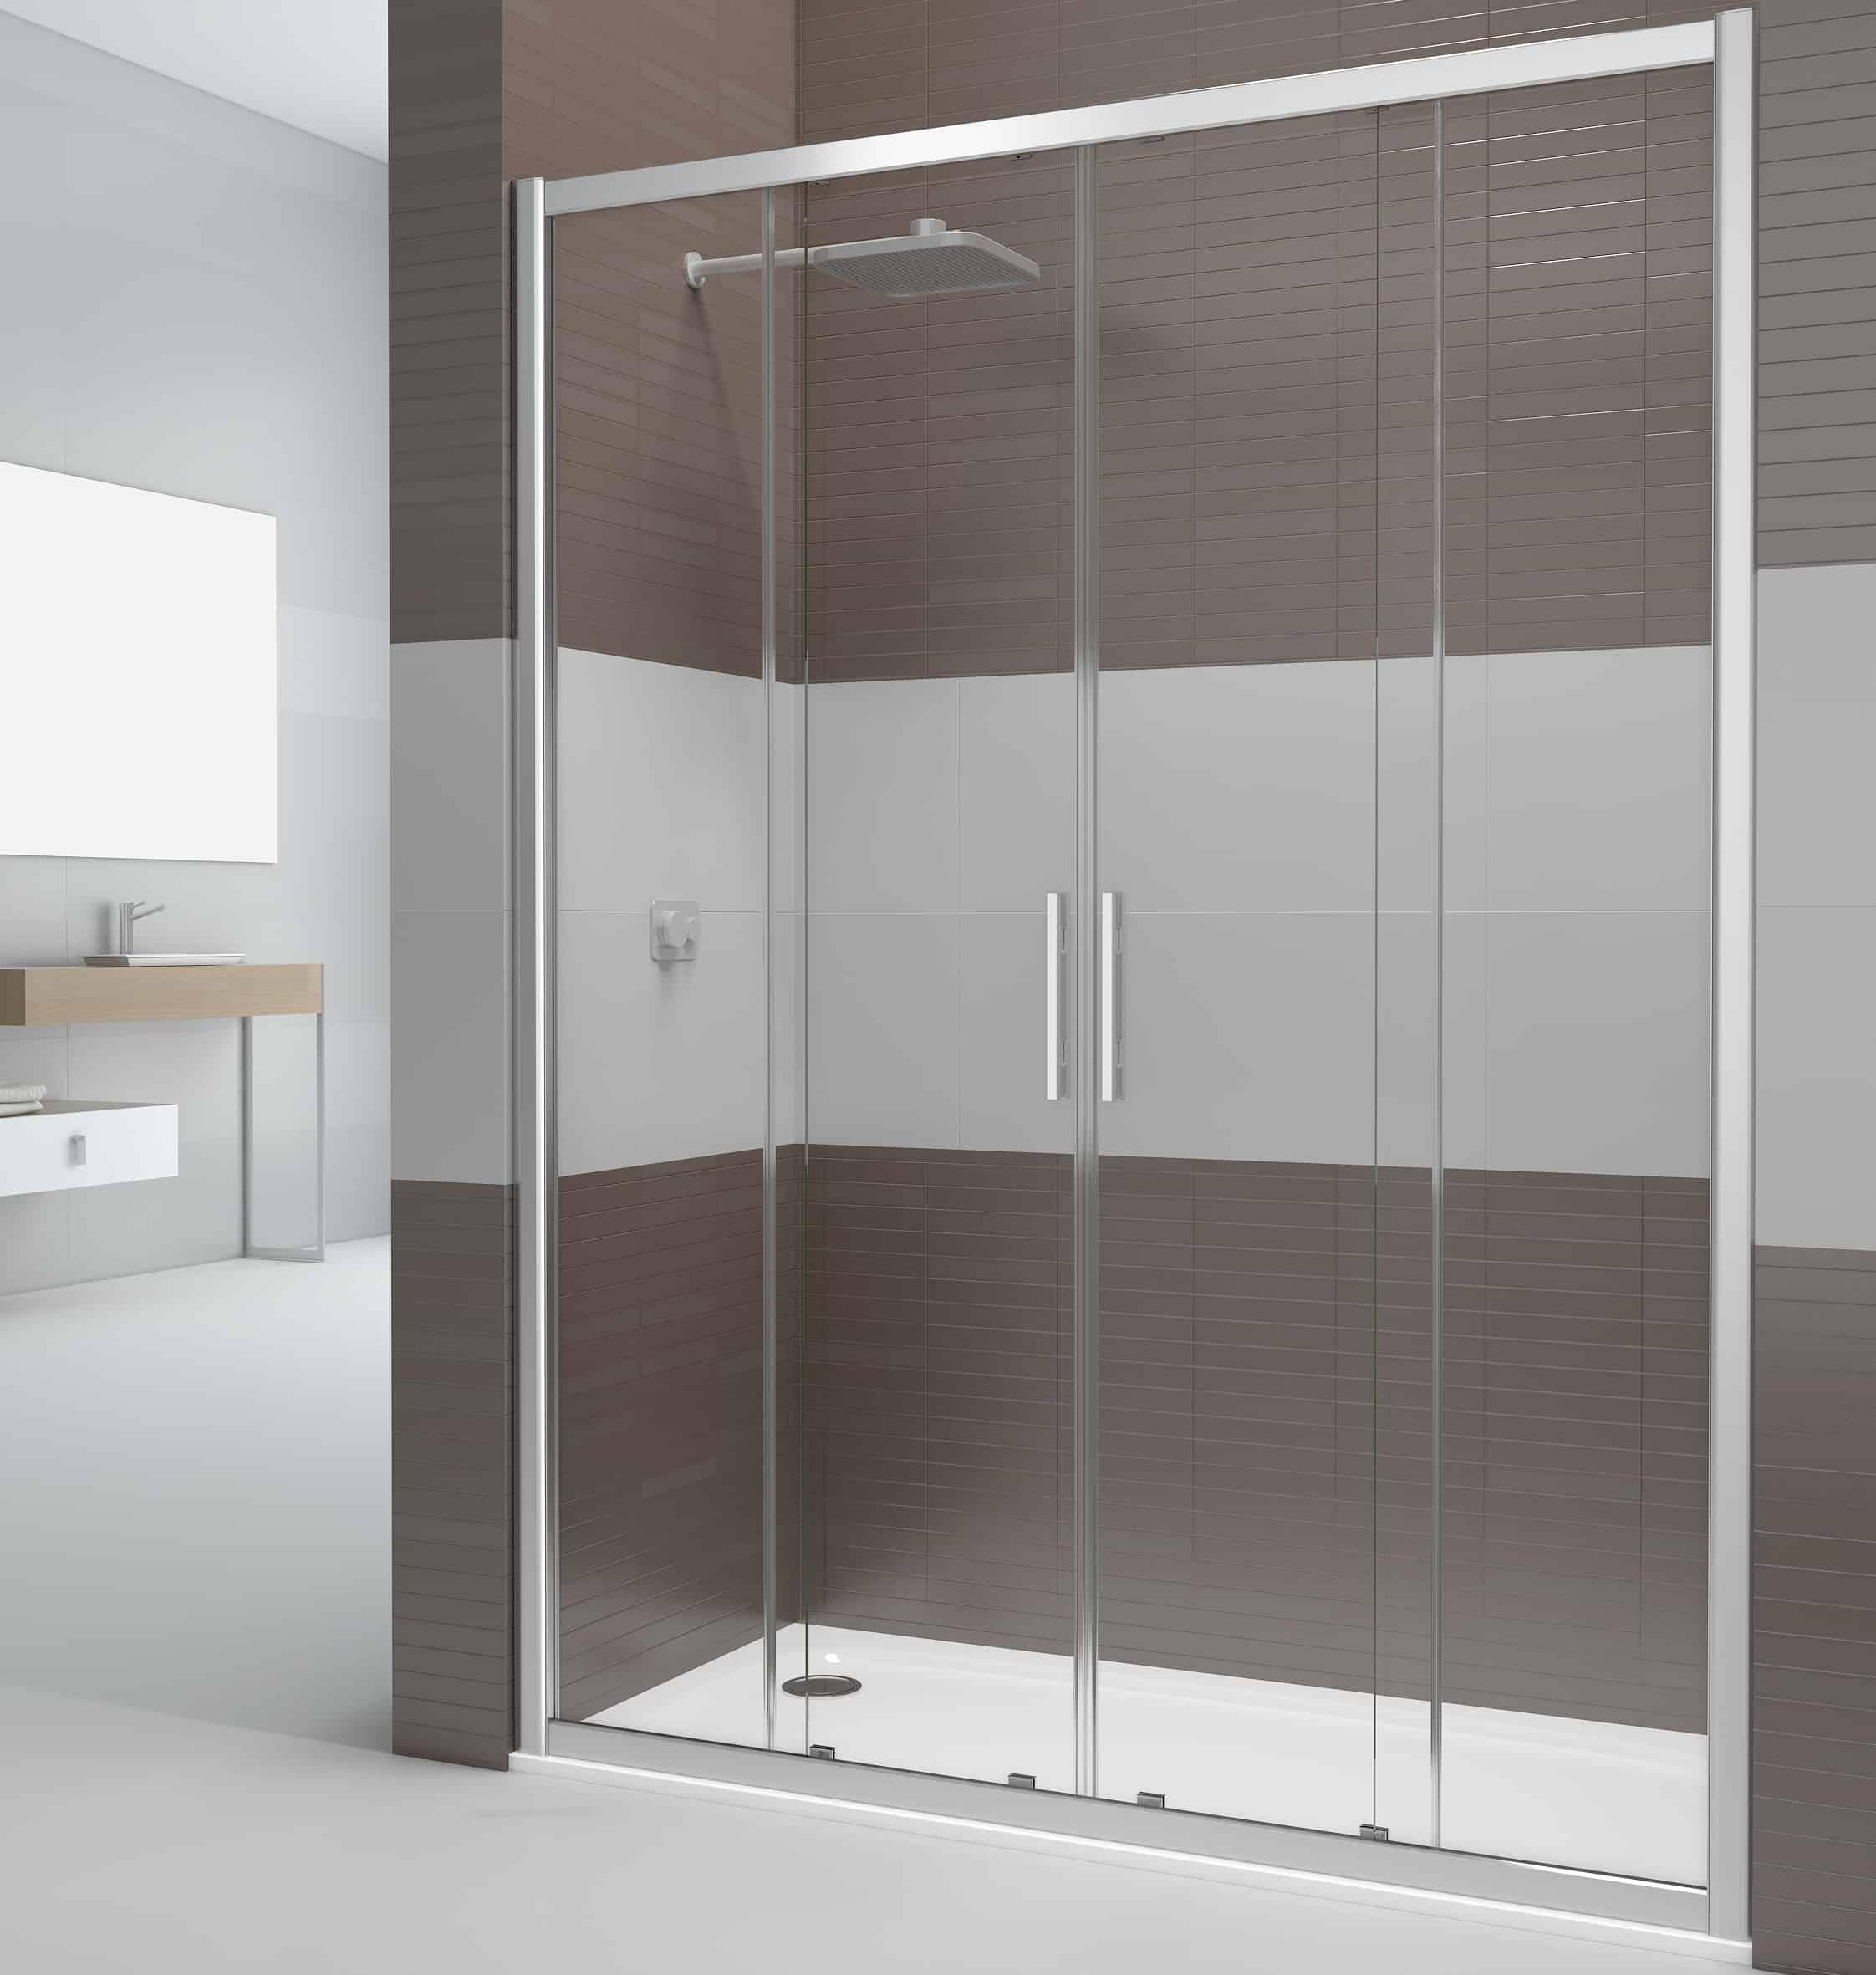 Imagenes De Puertas De Aluminio Para Baño ~ Dikidu.com